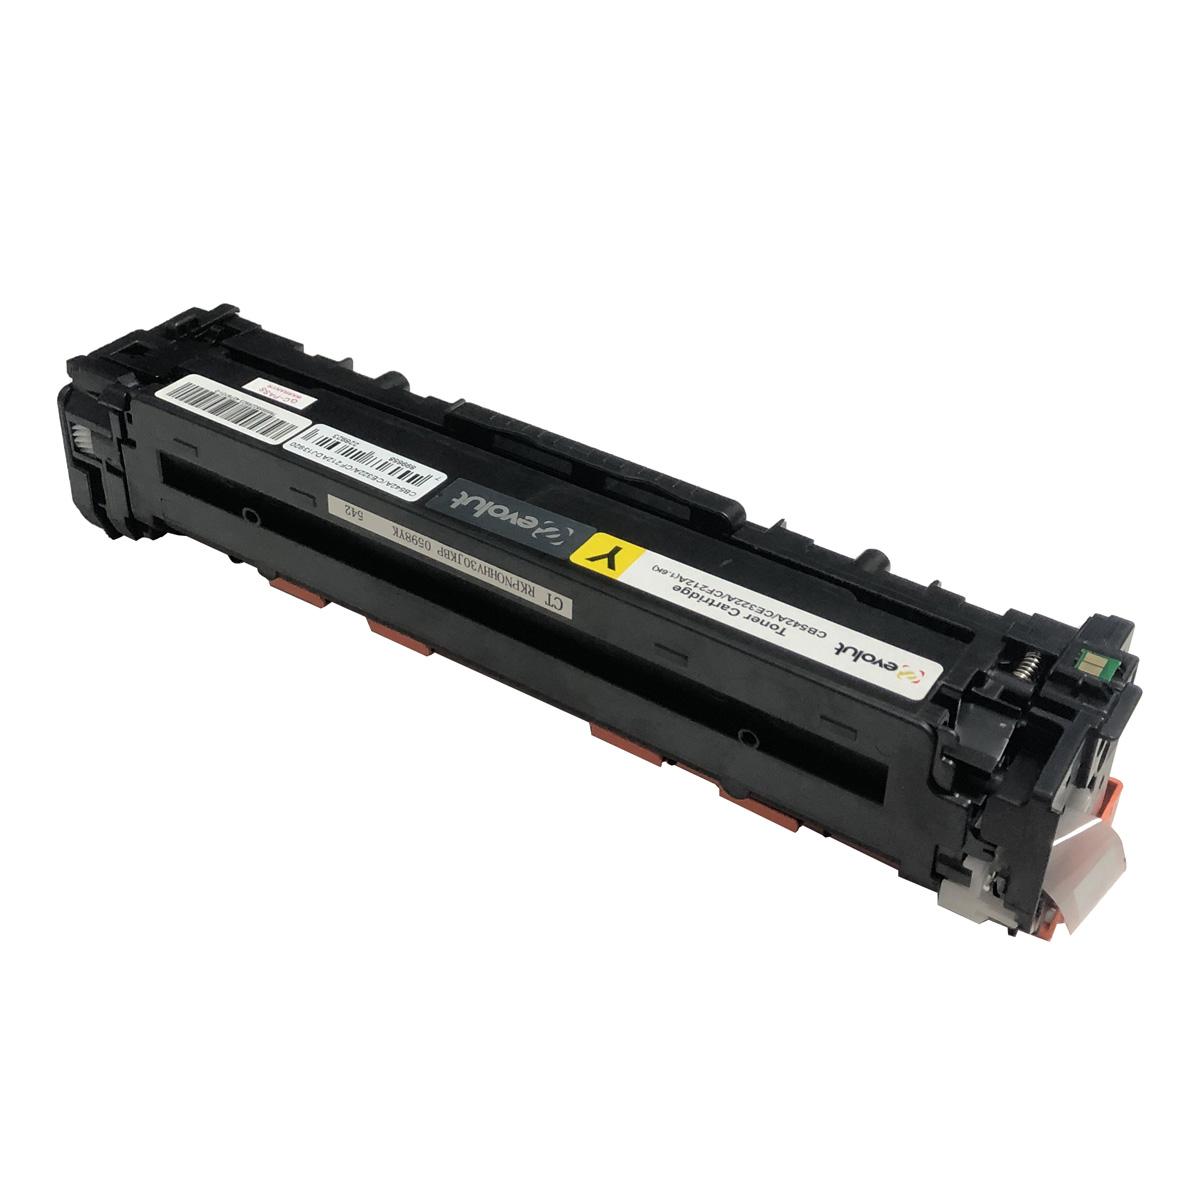 Toner CB542A CE322A CF212A Amarelo Evolut Compatível com CB541A CP1510 da HP